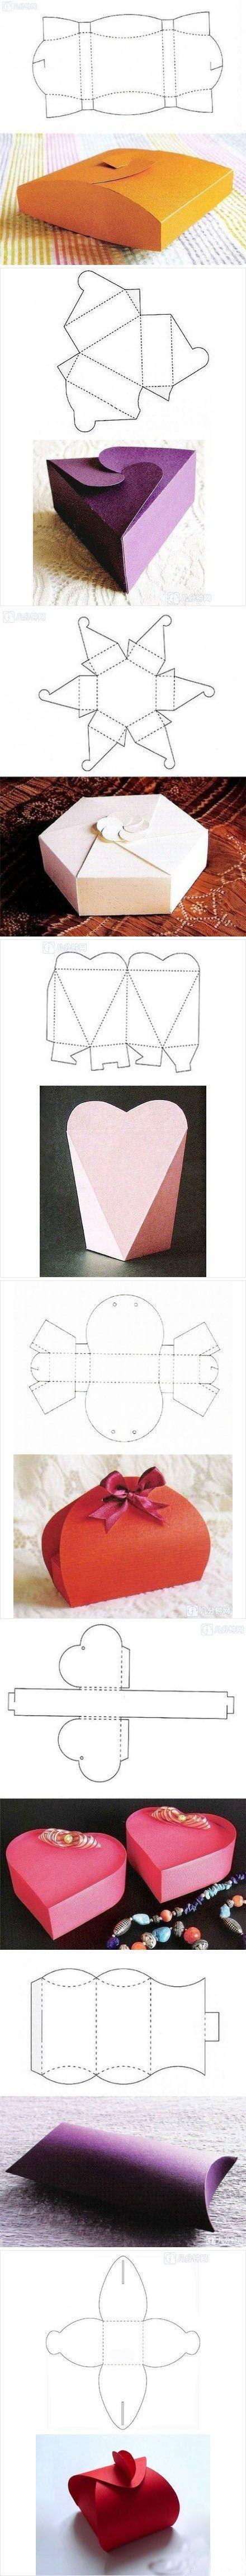 8 tipos de dibujos caja de regalo creativo, necesitan, por favor alejarse ~